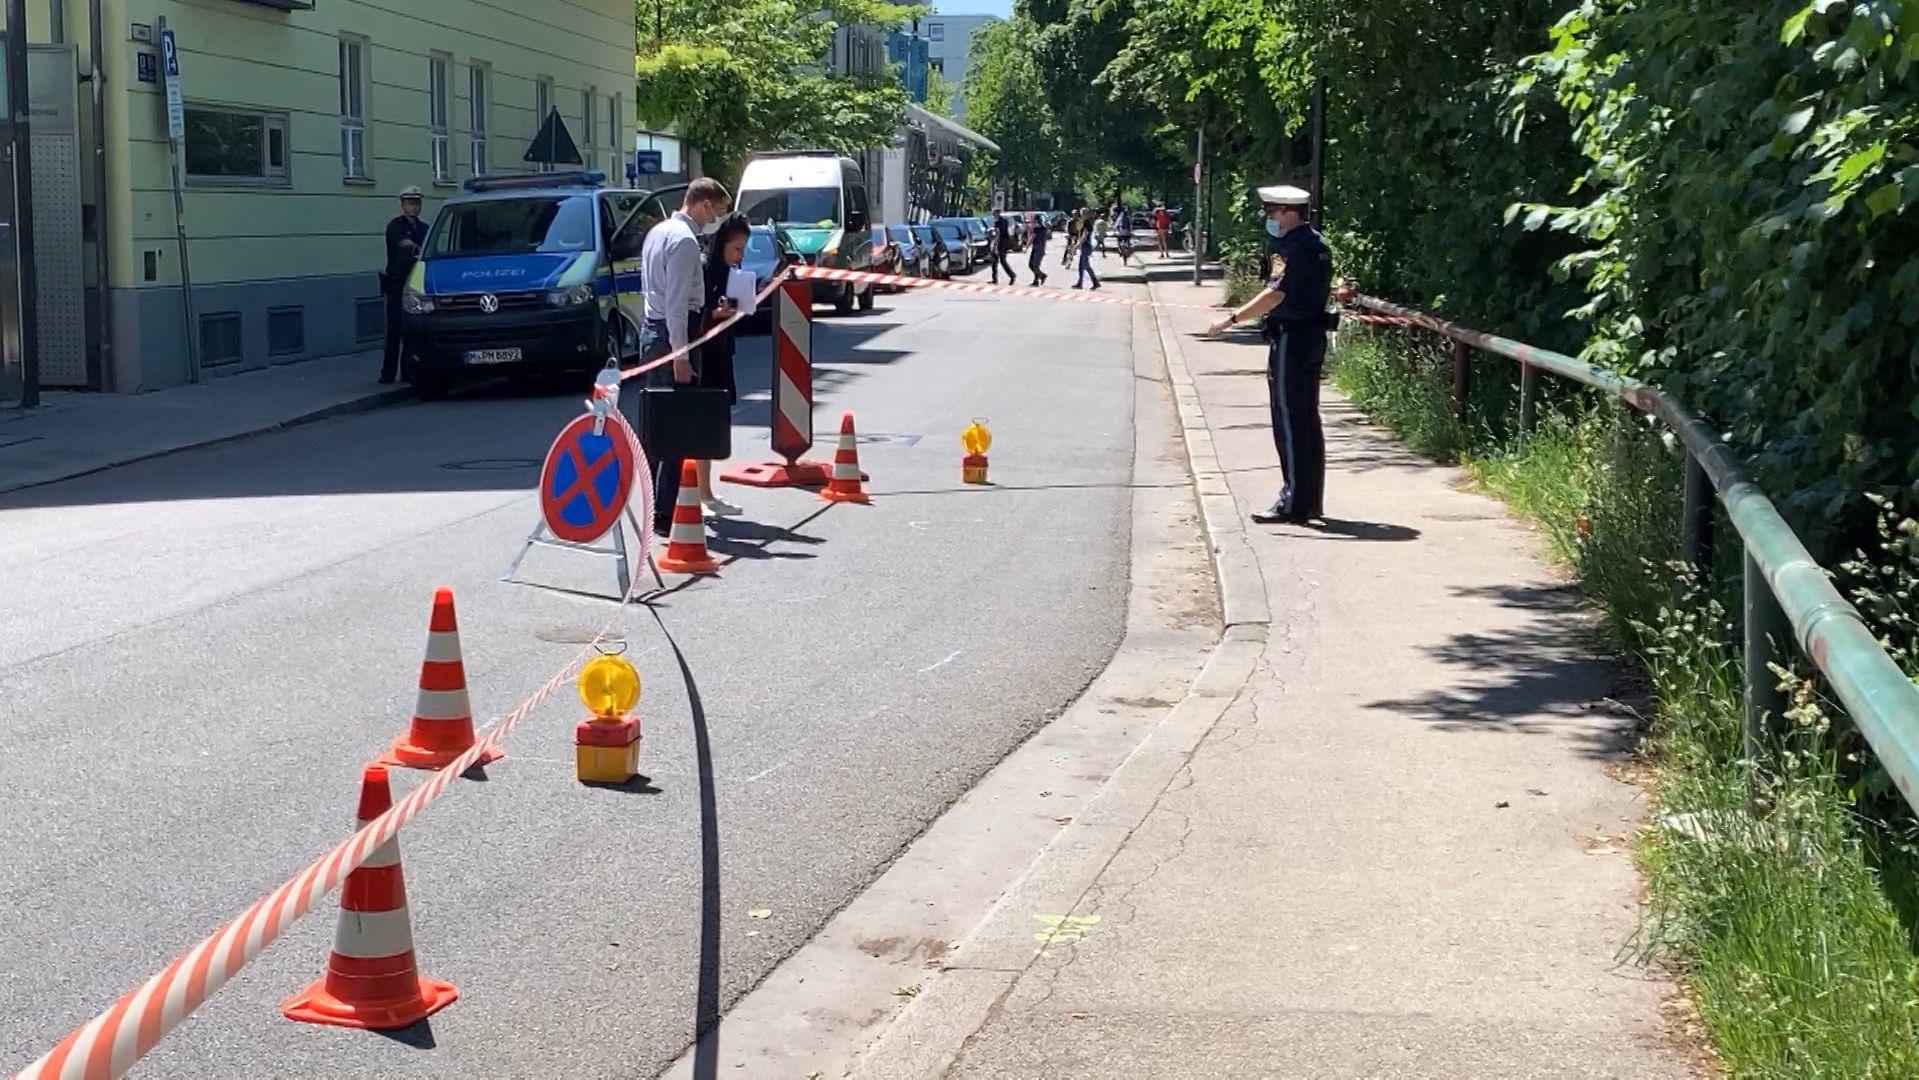 Nach einem Zusammenstoß zwischen zwei Radfahrern gestern Abend in der Münchner Au ist ein 37 Jahre alter Mann in der Nacht an seinen schweren Kopfverletzungen gestorben. Die Polizei fahndet nun nach dem zweiten Unfallbeteiligten.